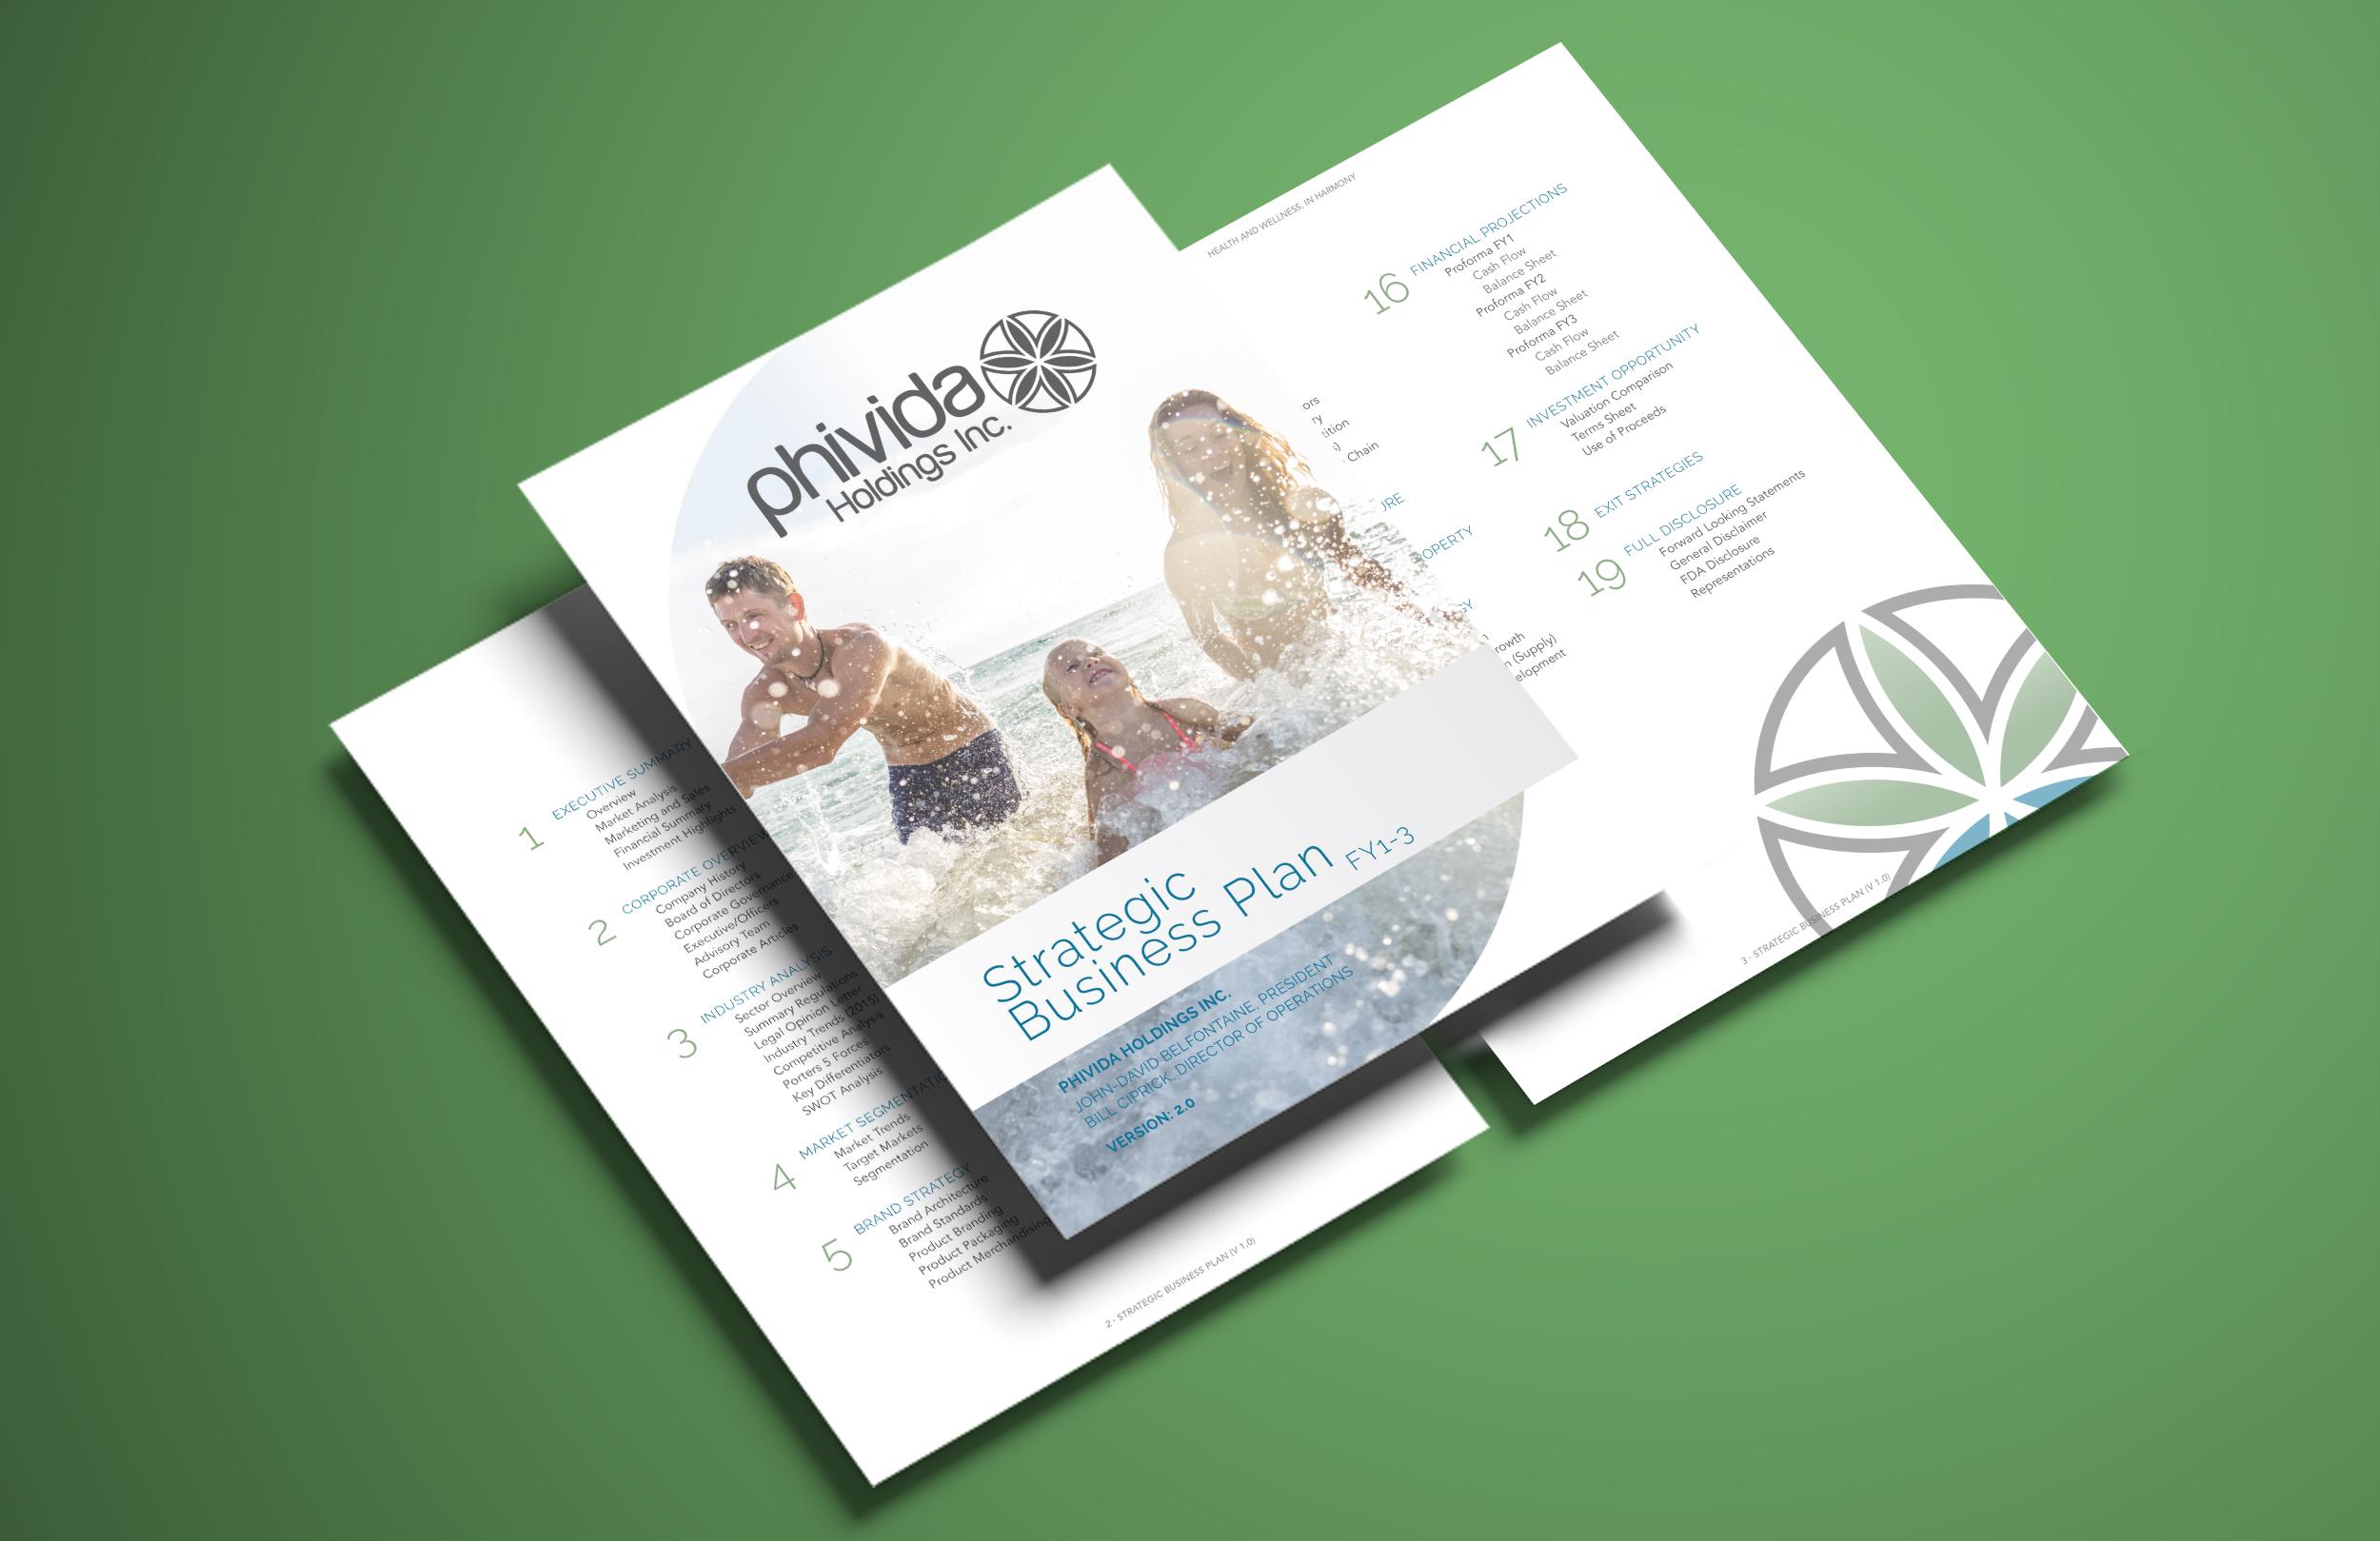 katelynbishop_design_phivida_businessplan1